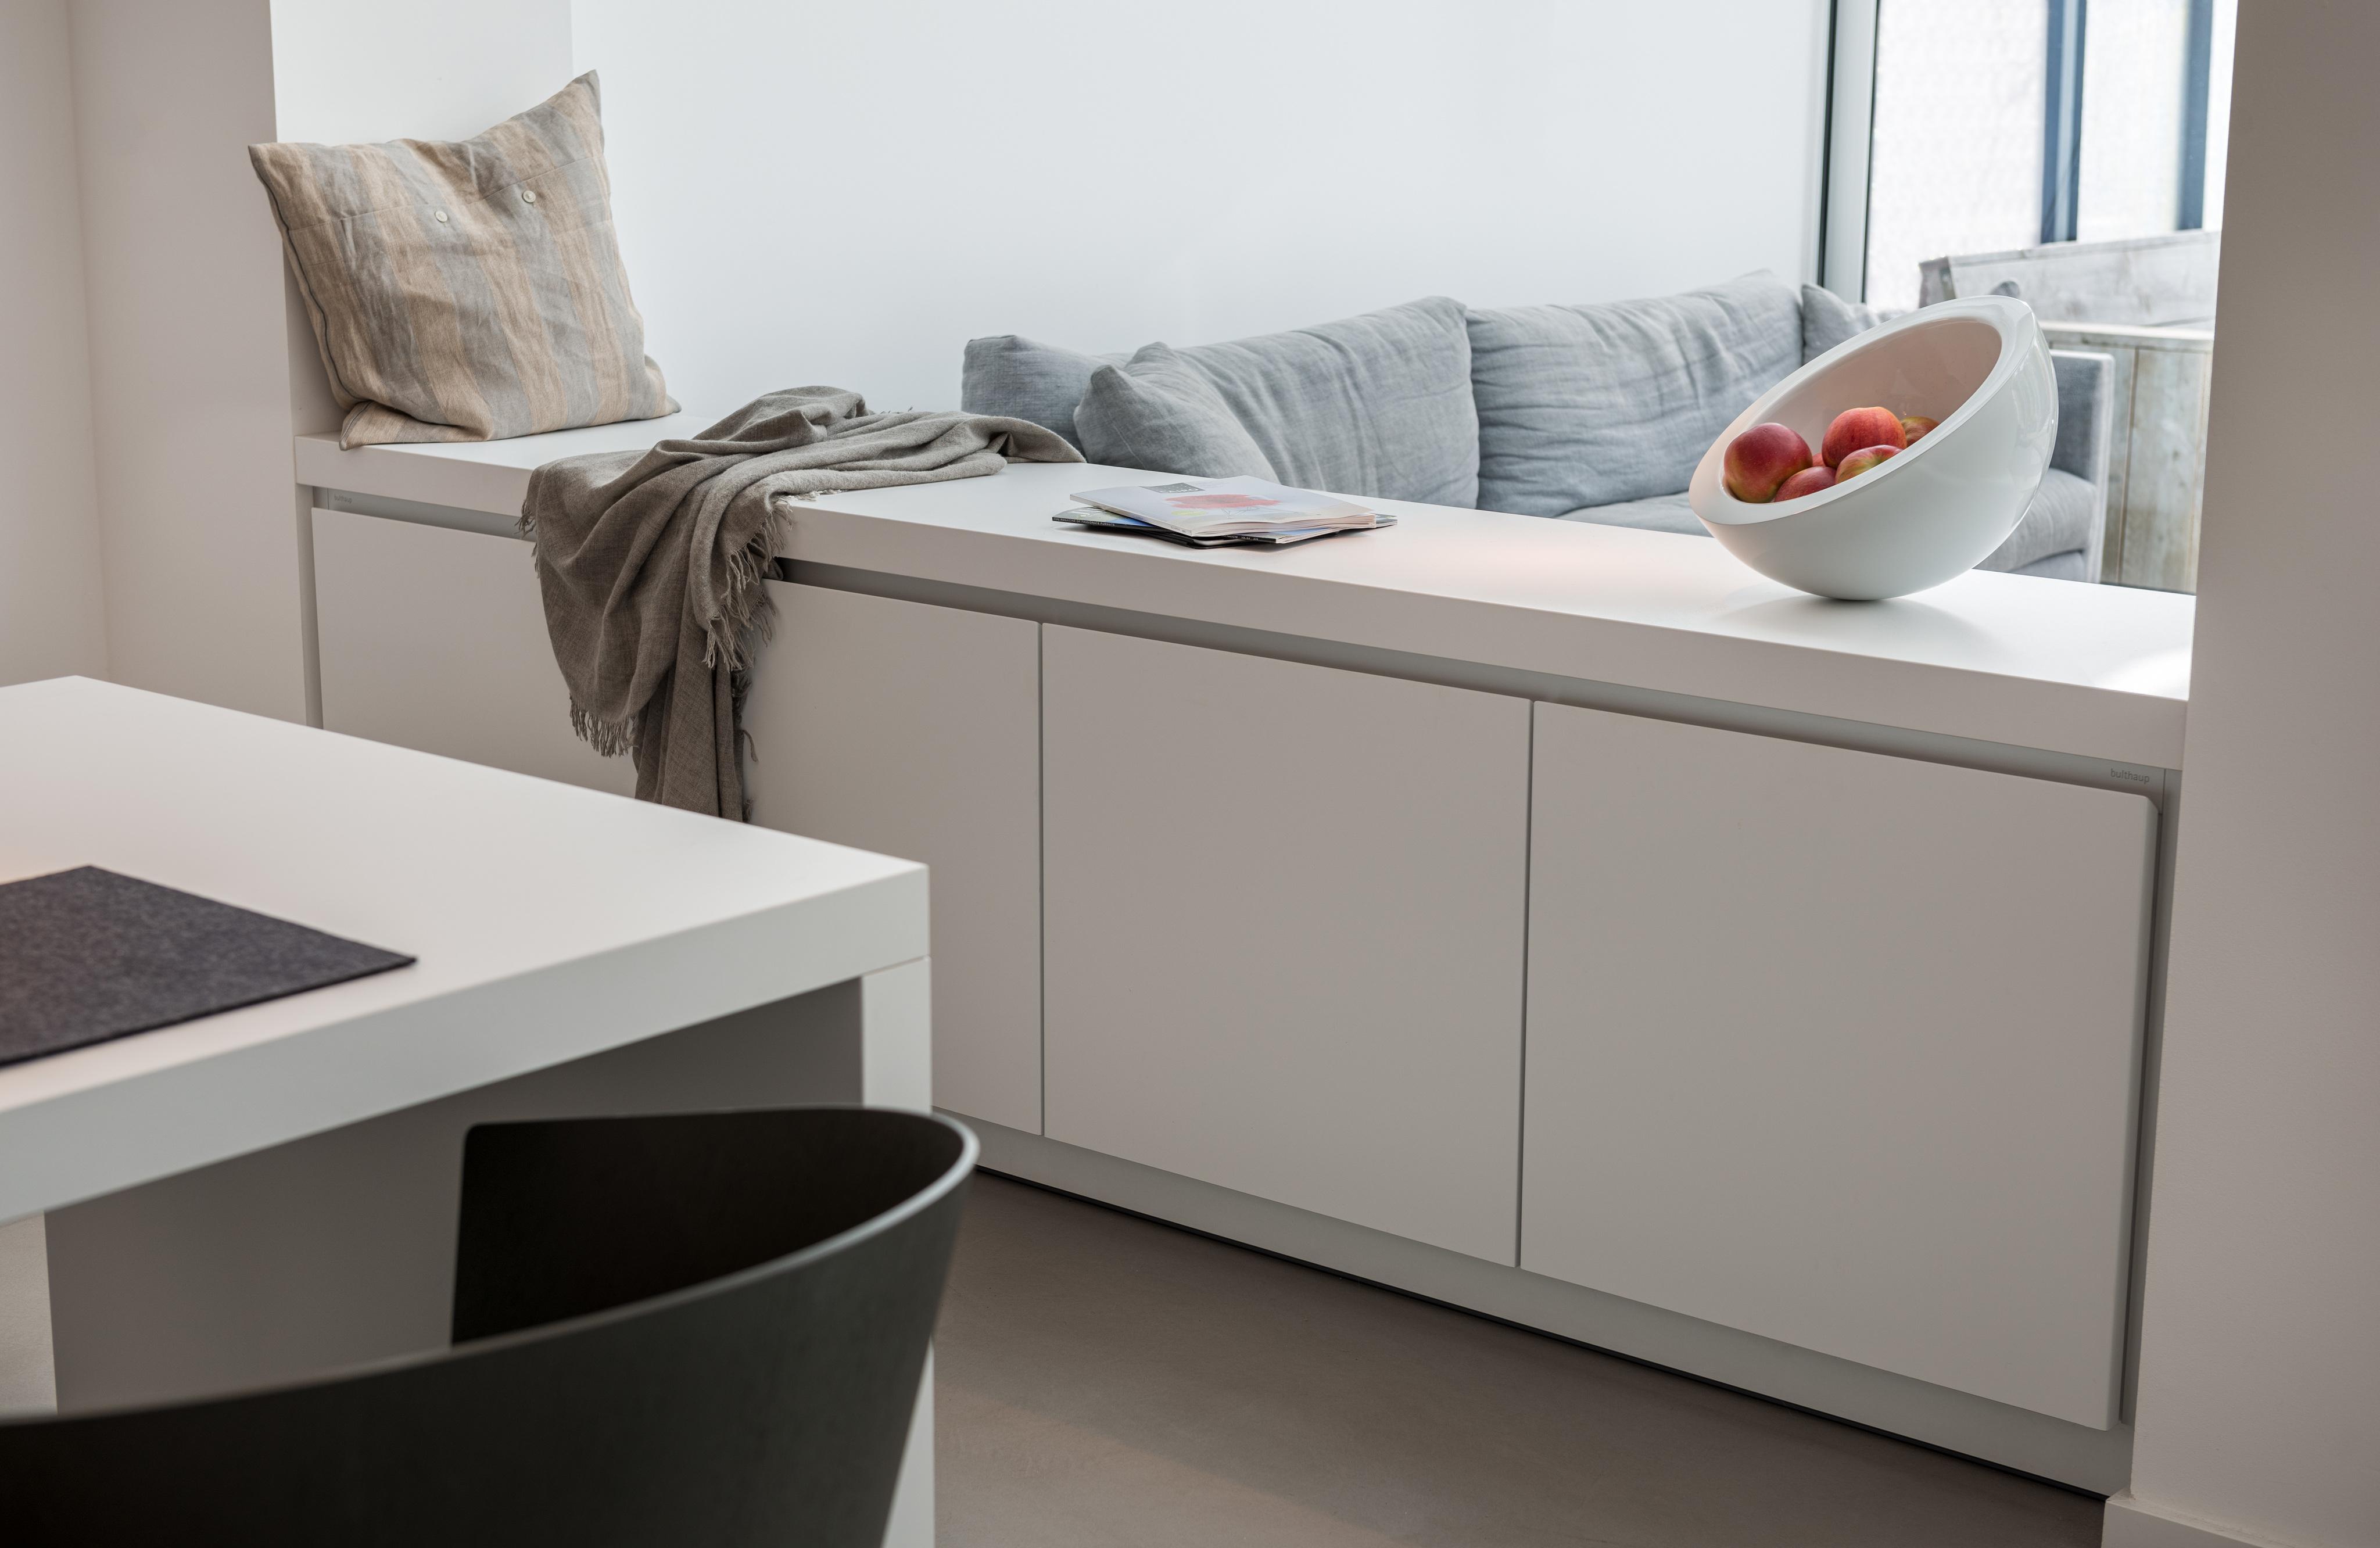 Wohnzimmer Sideboard Design. Sideboard Design Holz Luanna Design